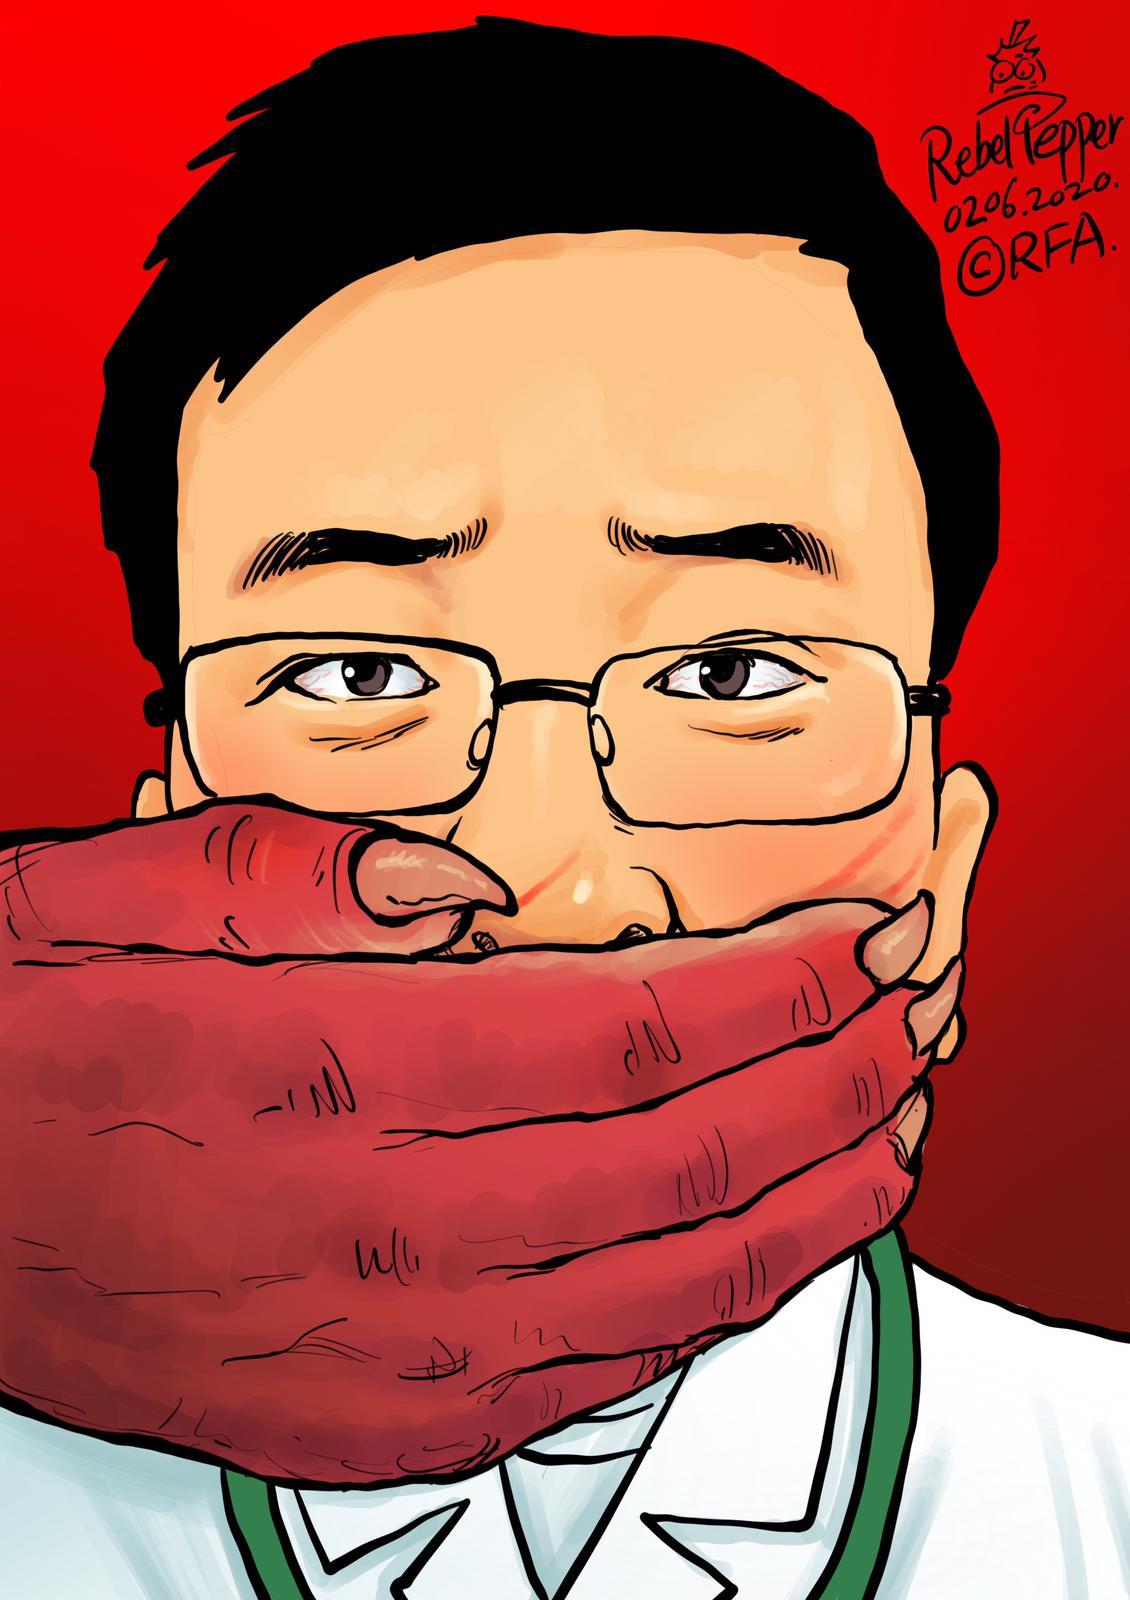 曾被训诫的武汉市中心医院眼科医生李文亮抢救无效去世。(变态辣椒)